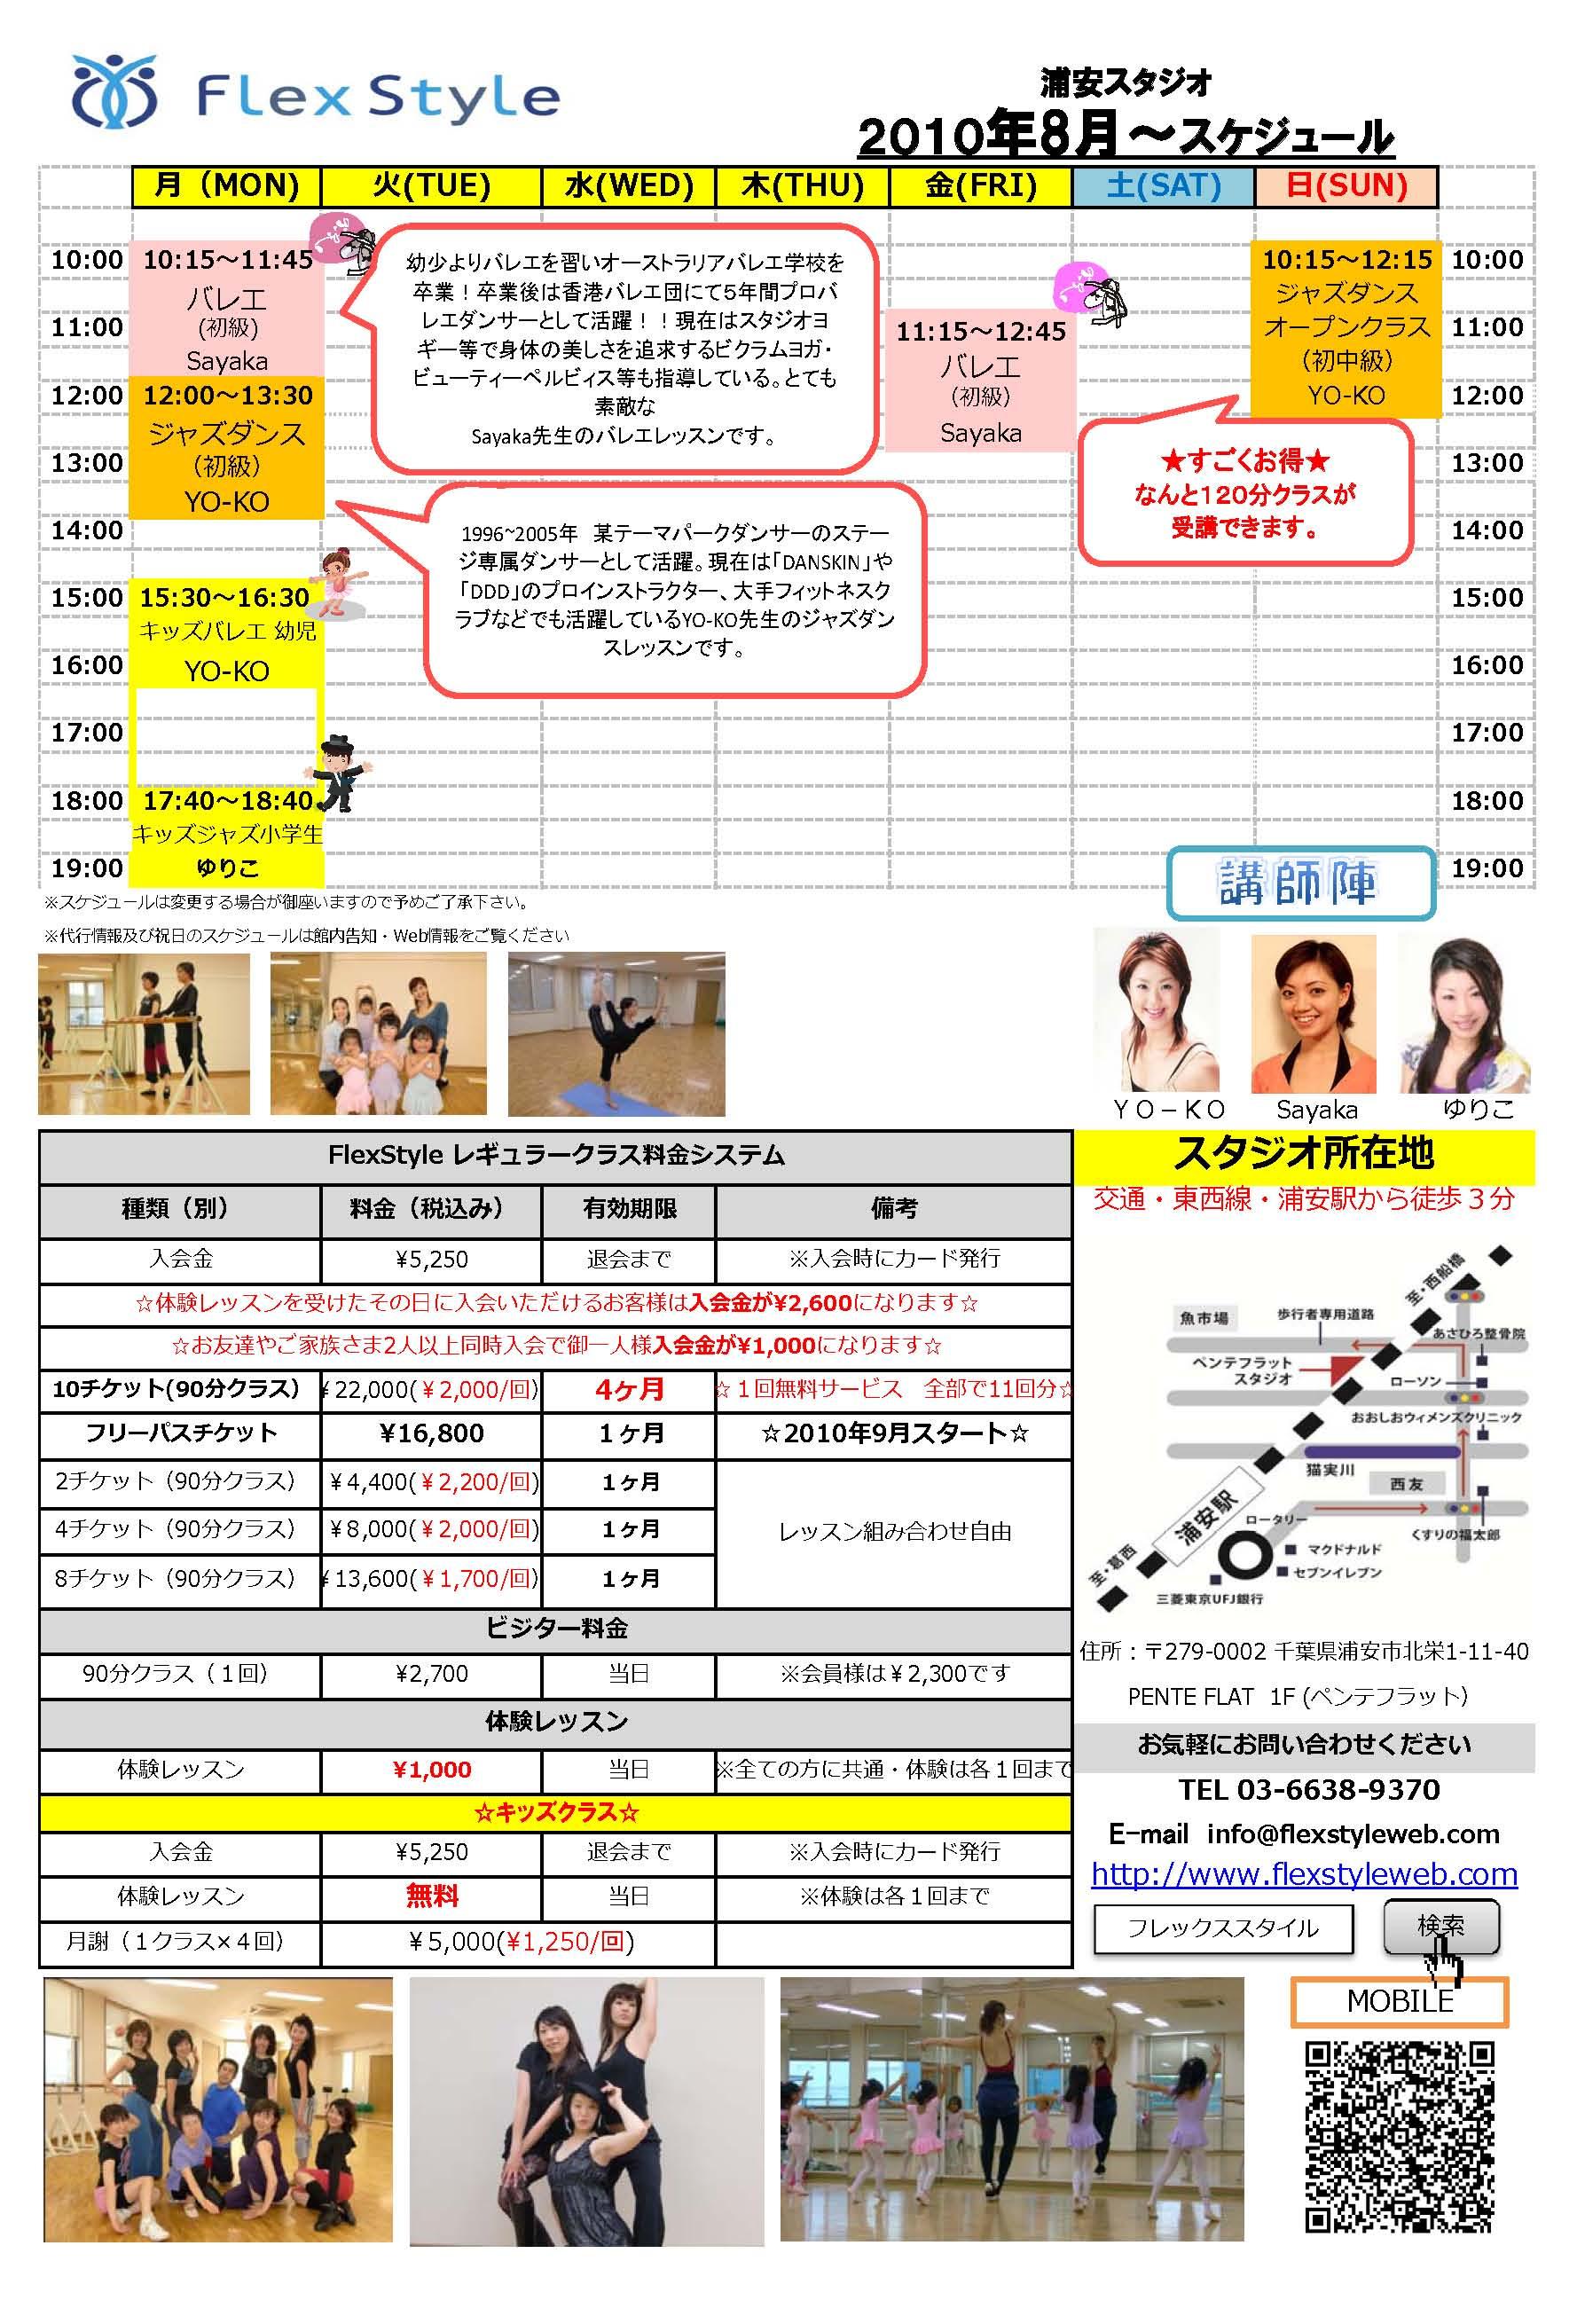 8月浦安スタジオスケジュール